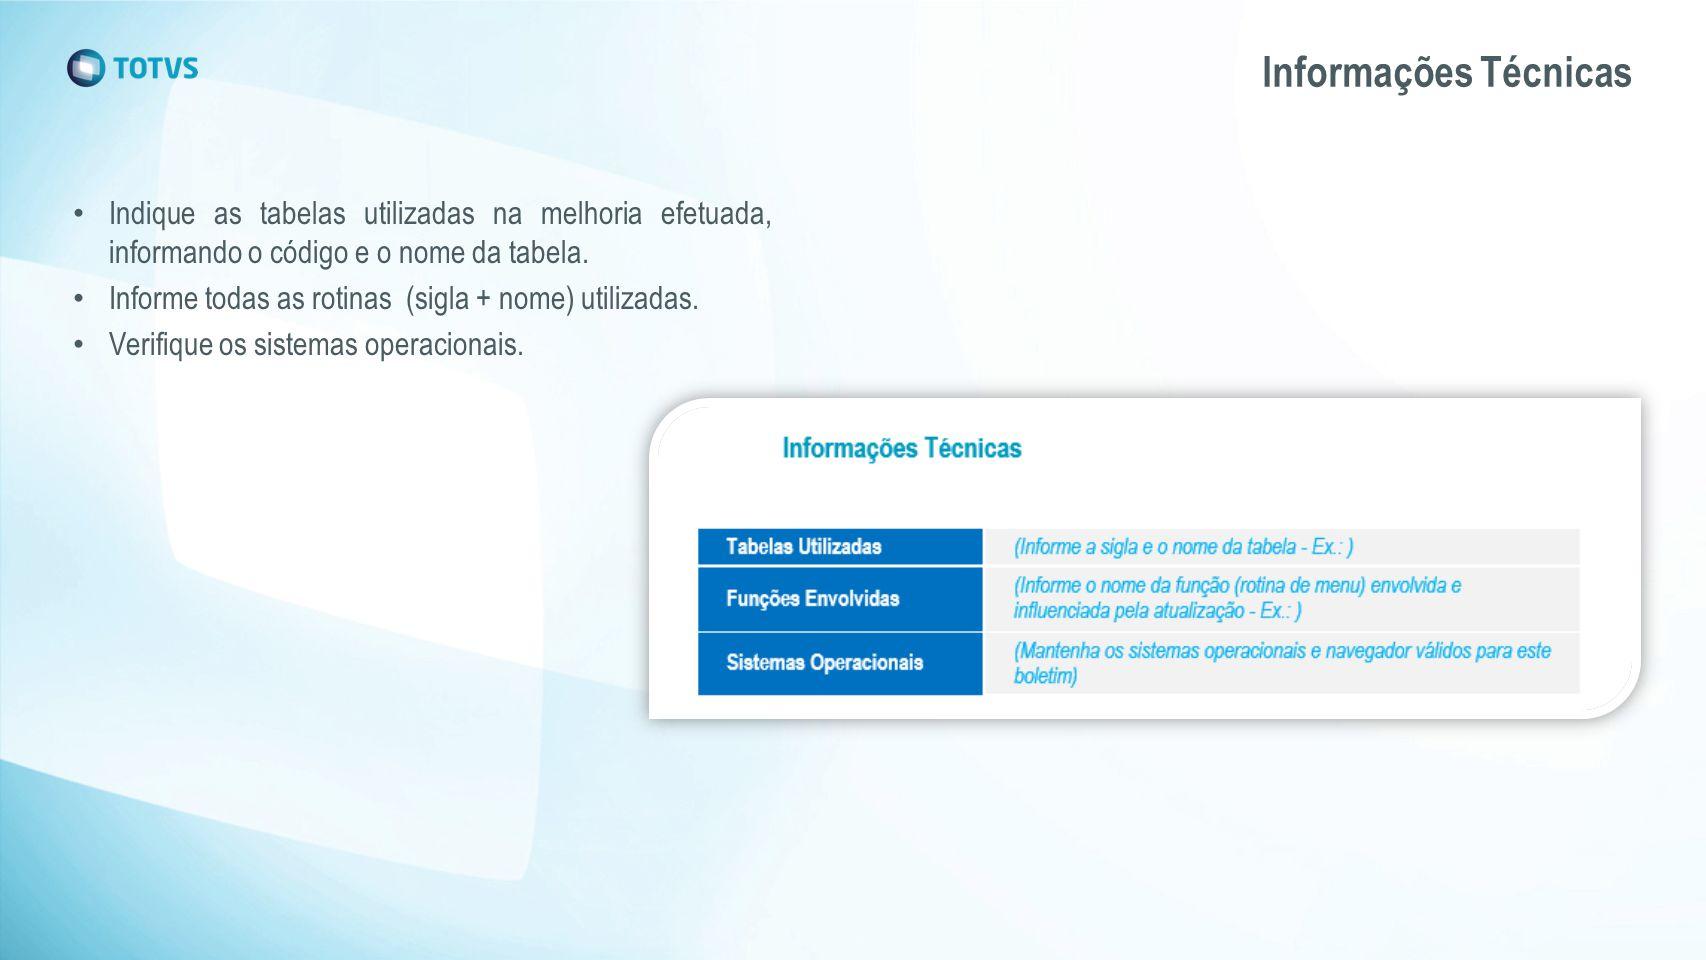 Informações Técnicas Indique as tabelas utilizadas na melhoria efetuada, informando o código e o nome da tabela.